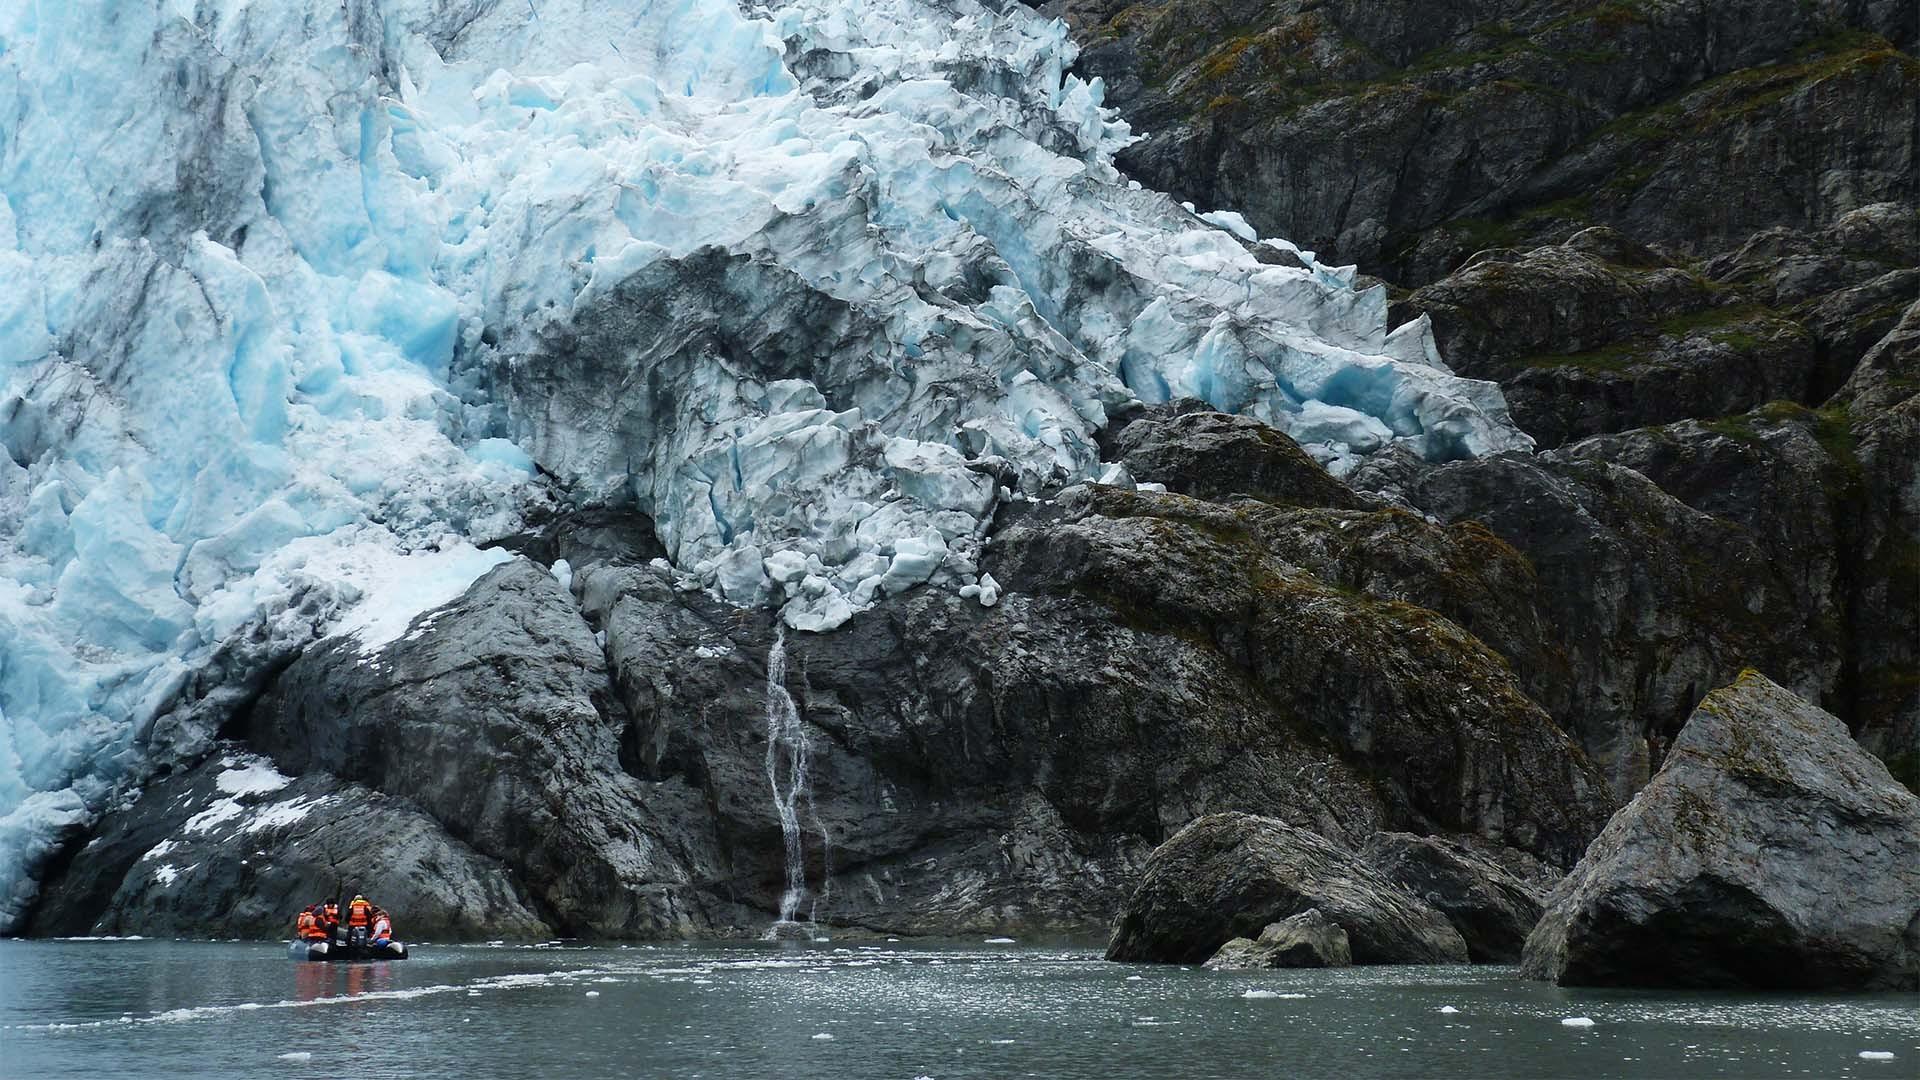 Condor Glacier in the Tierra del Fuego archipelago of Patagonia